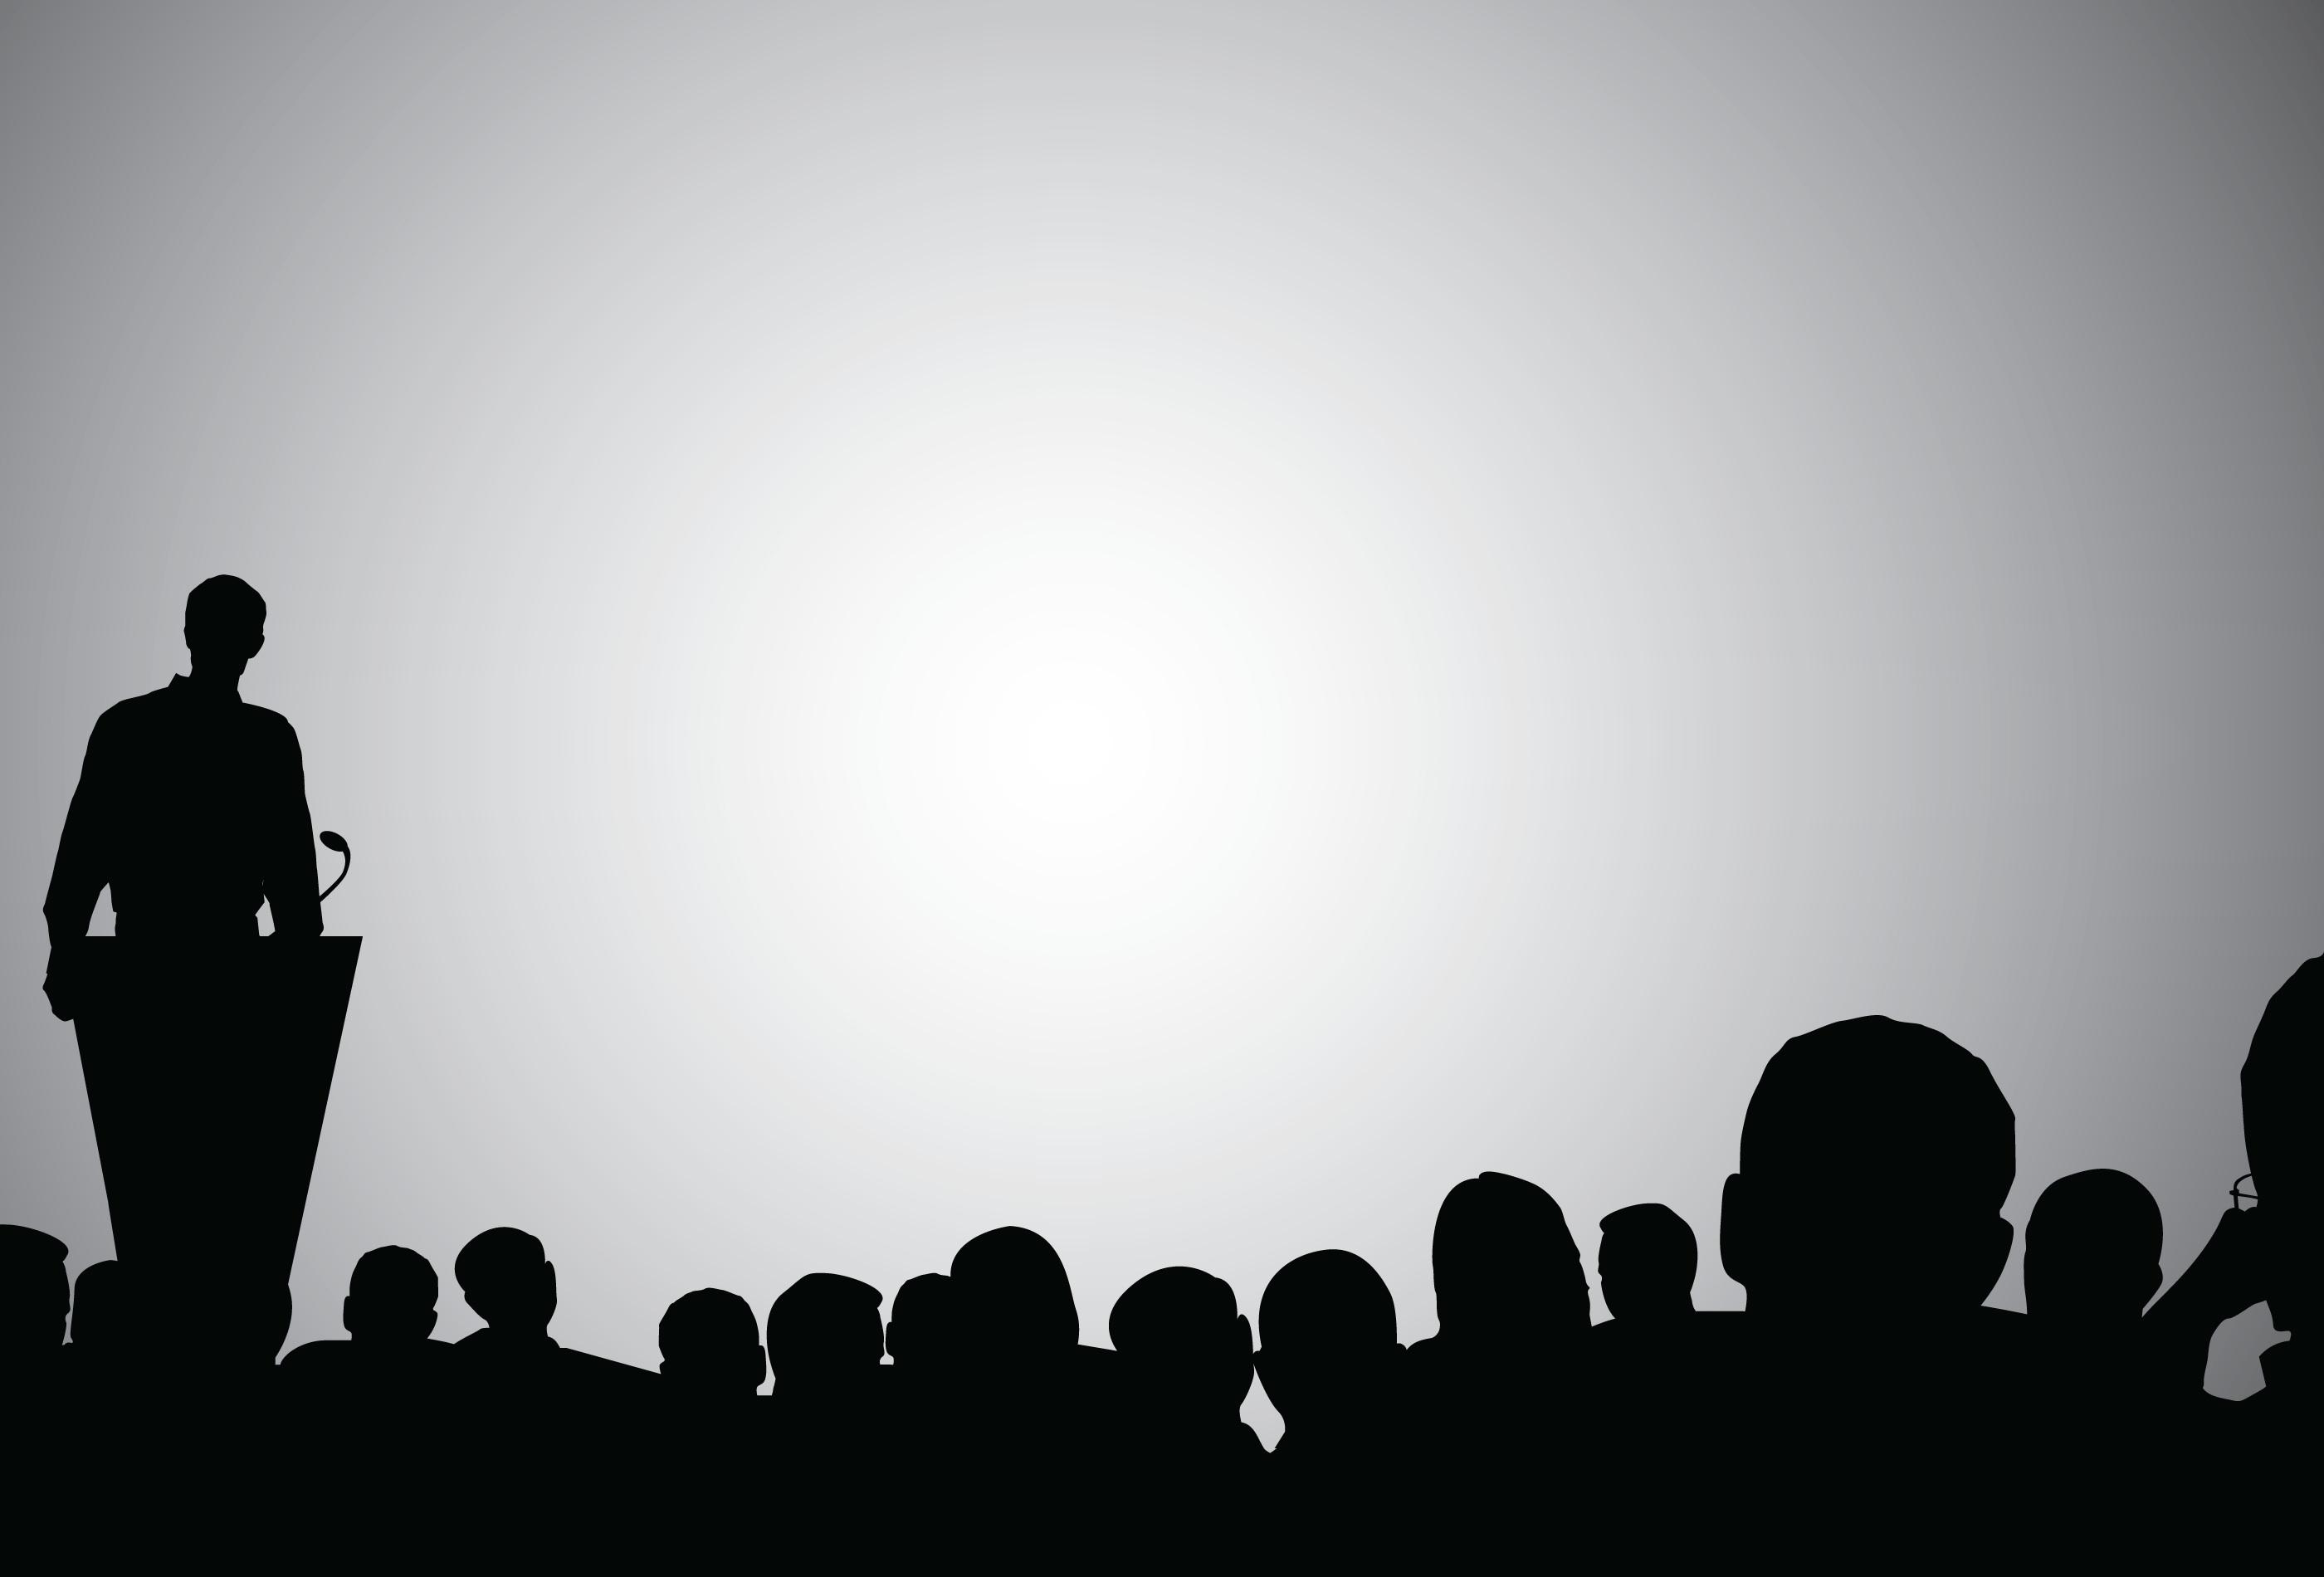 5 Bí quyết thuyết trình giúp bạn tỏa sáng